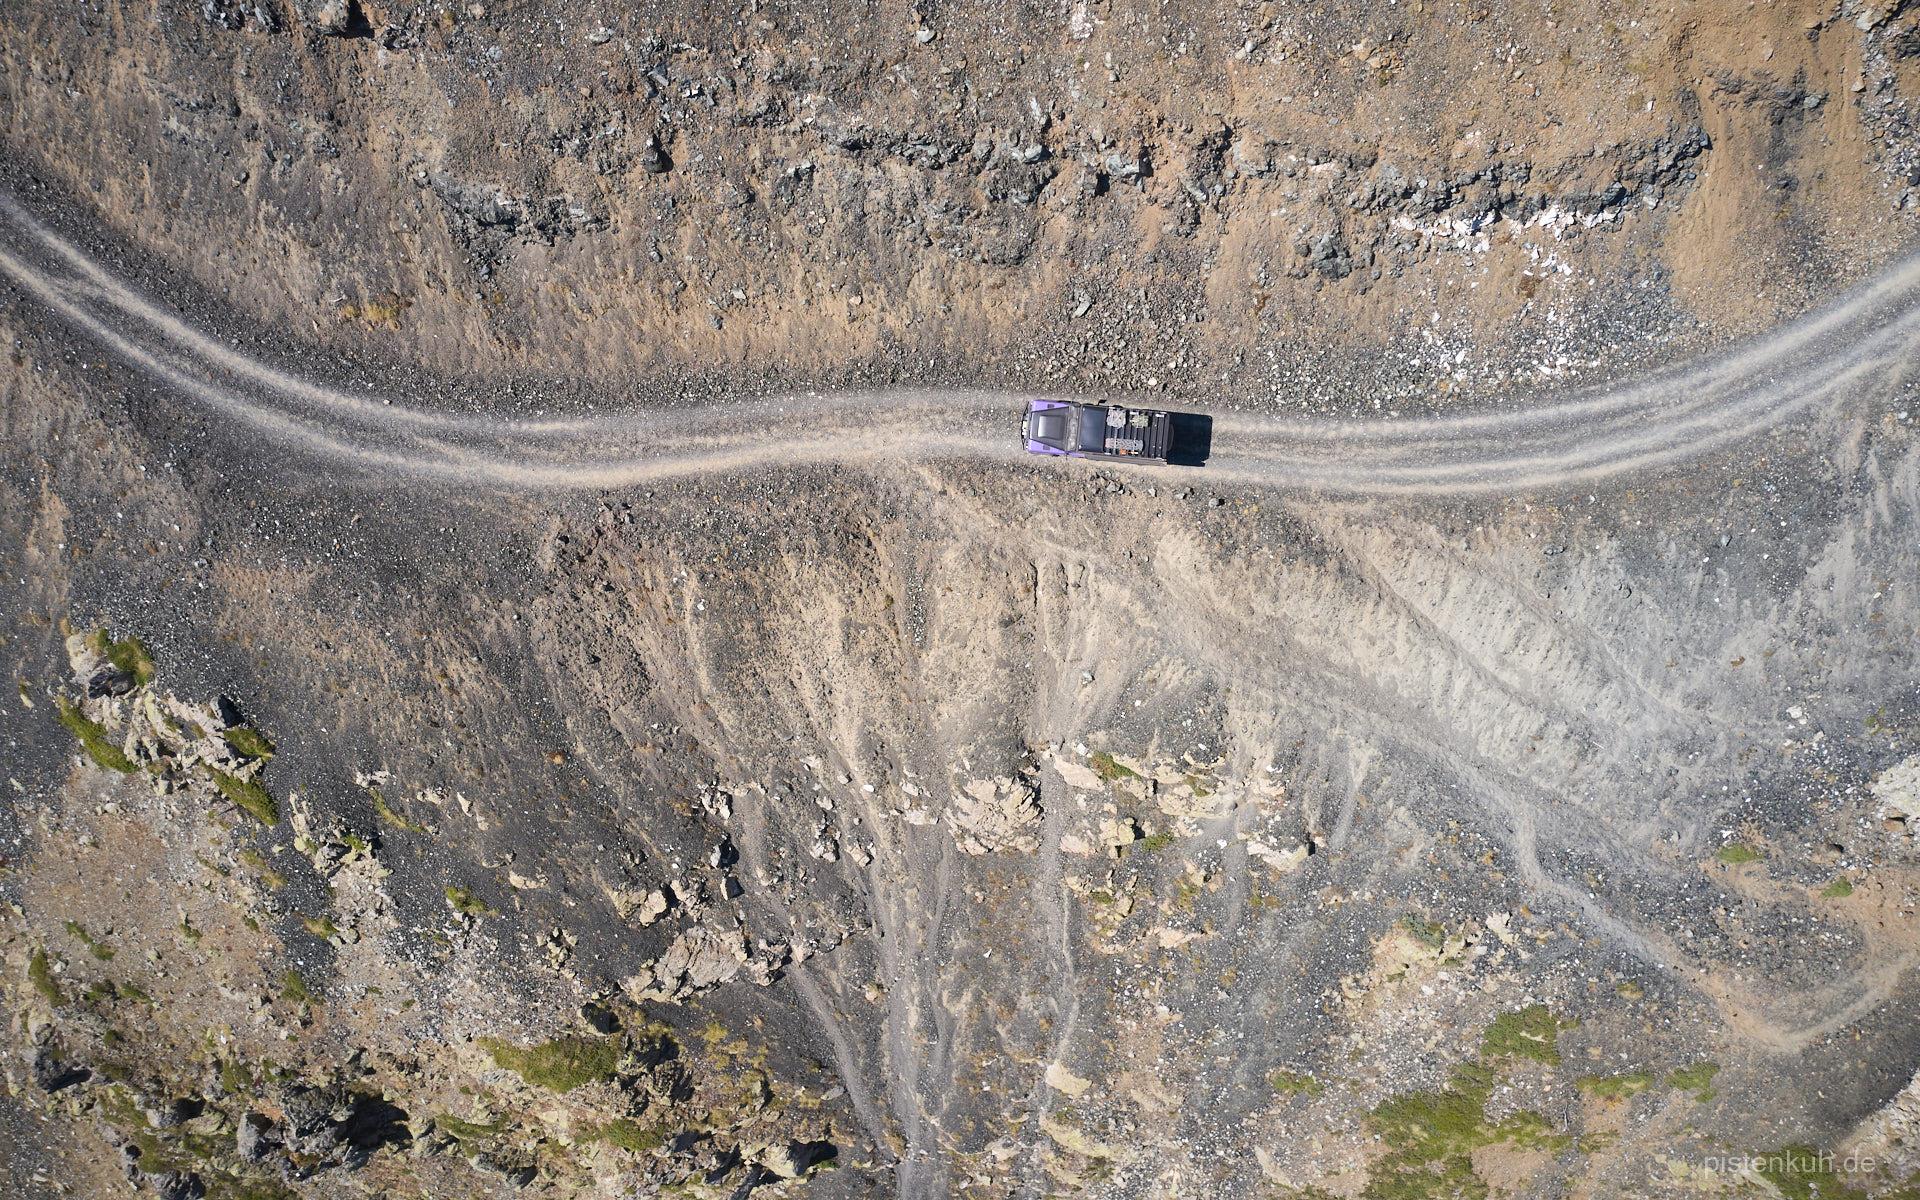 Offroadpiste in Felswand